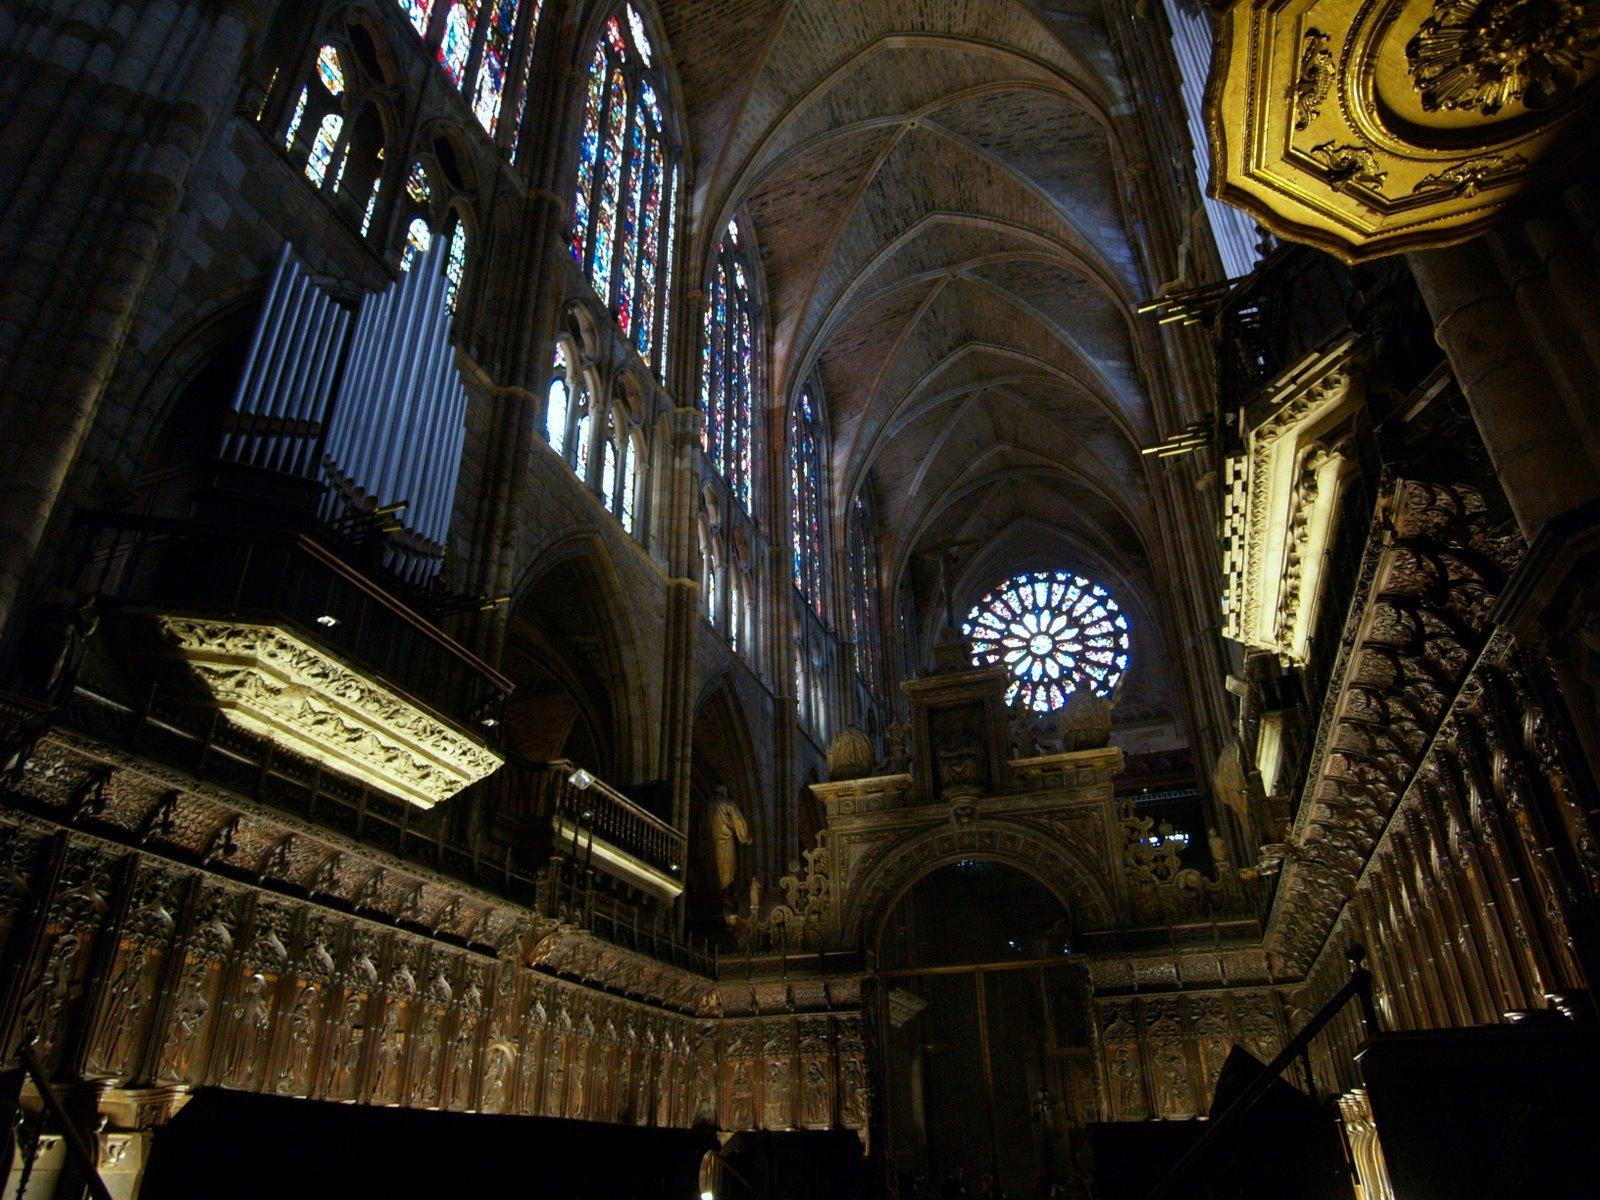 Coro de la Catedral de León en la actualidad